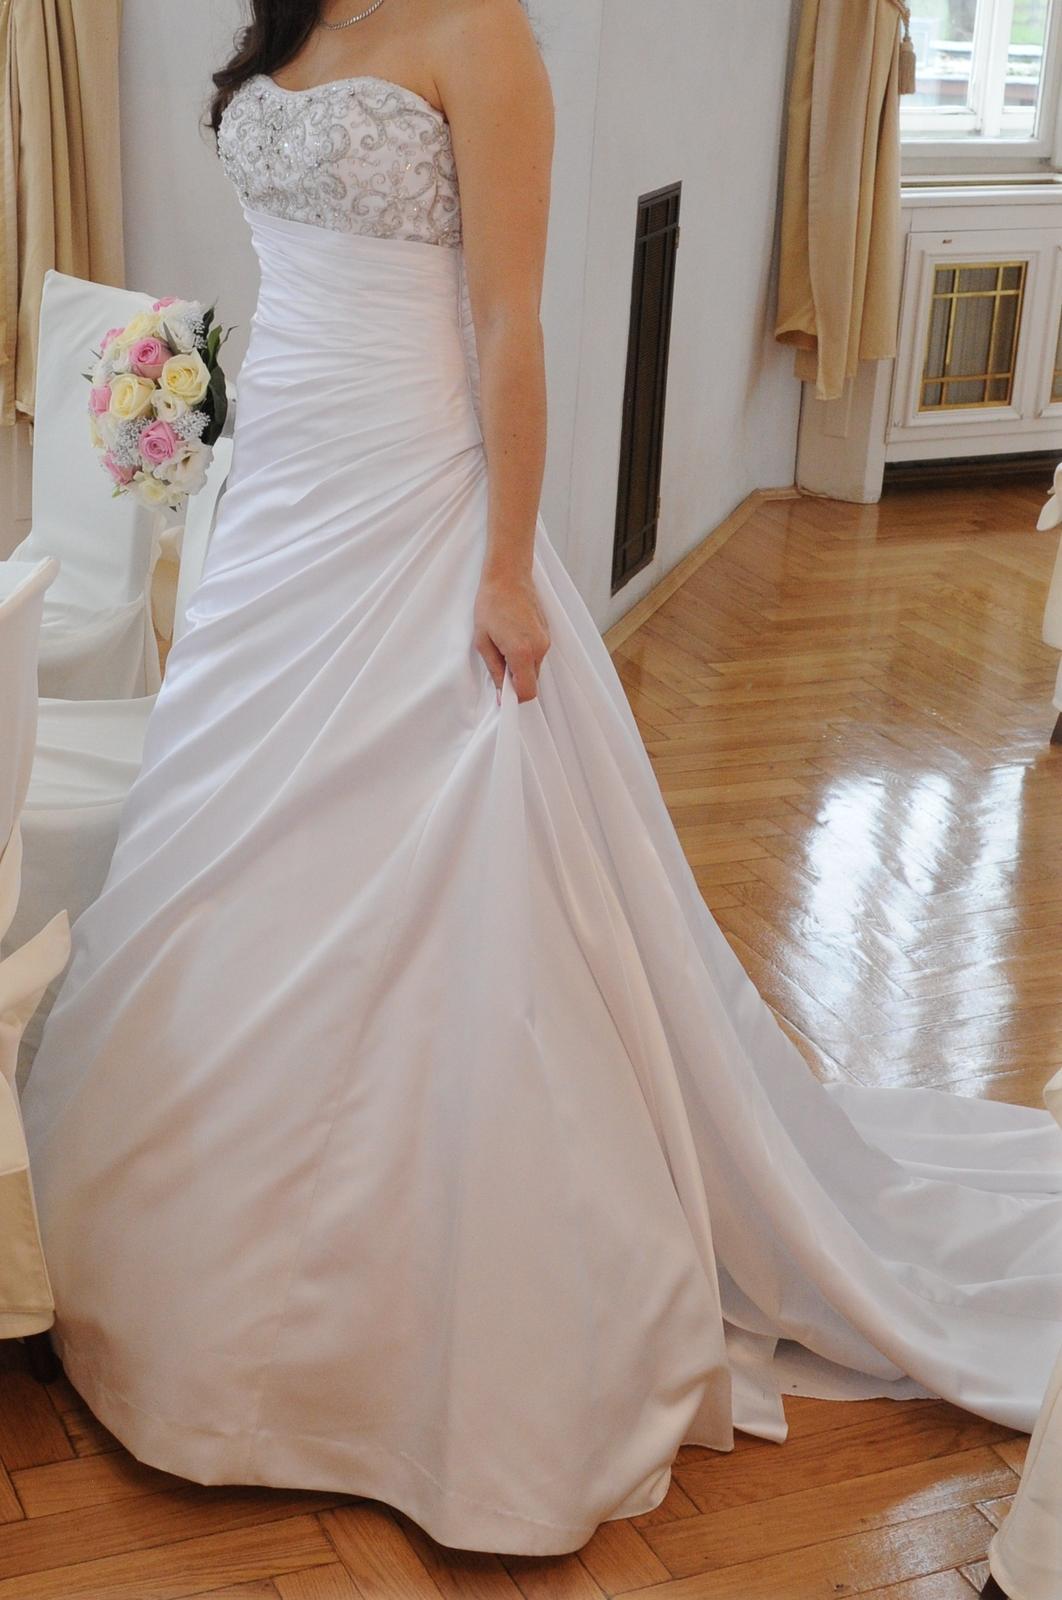 Elegantní svatební šaty - bílé vel. 38 - Obrázek č. 3